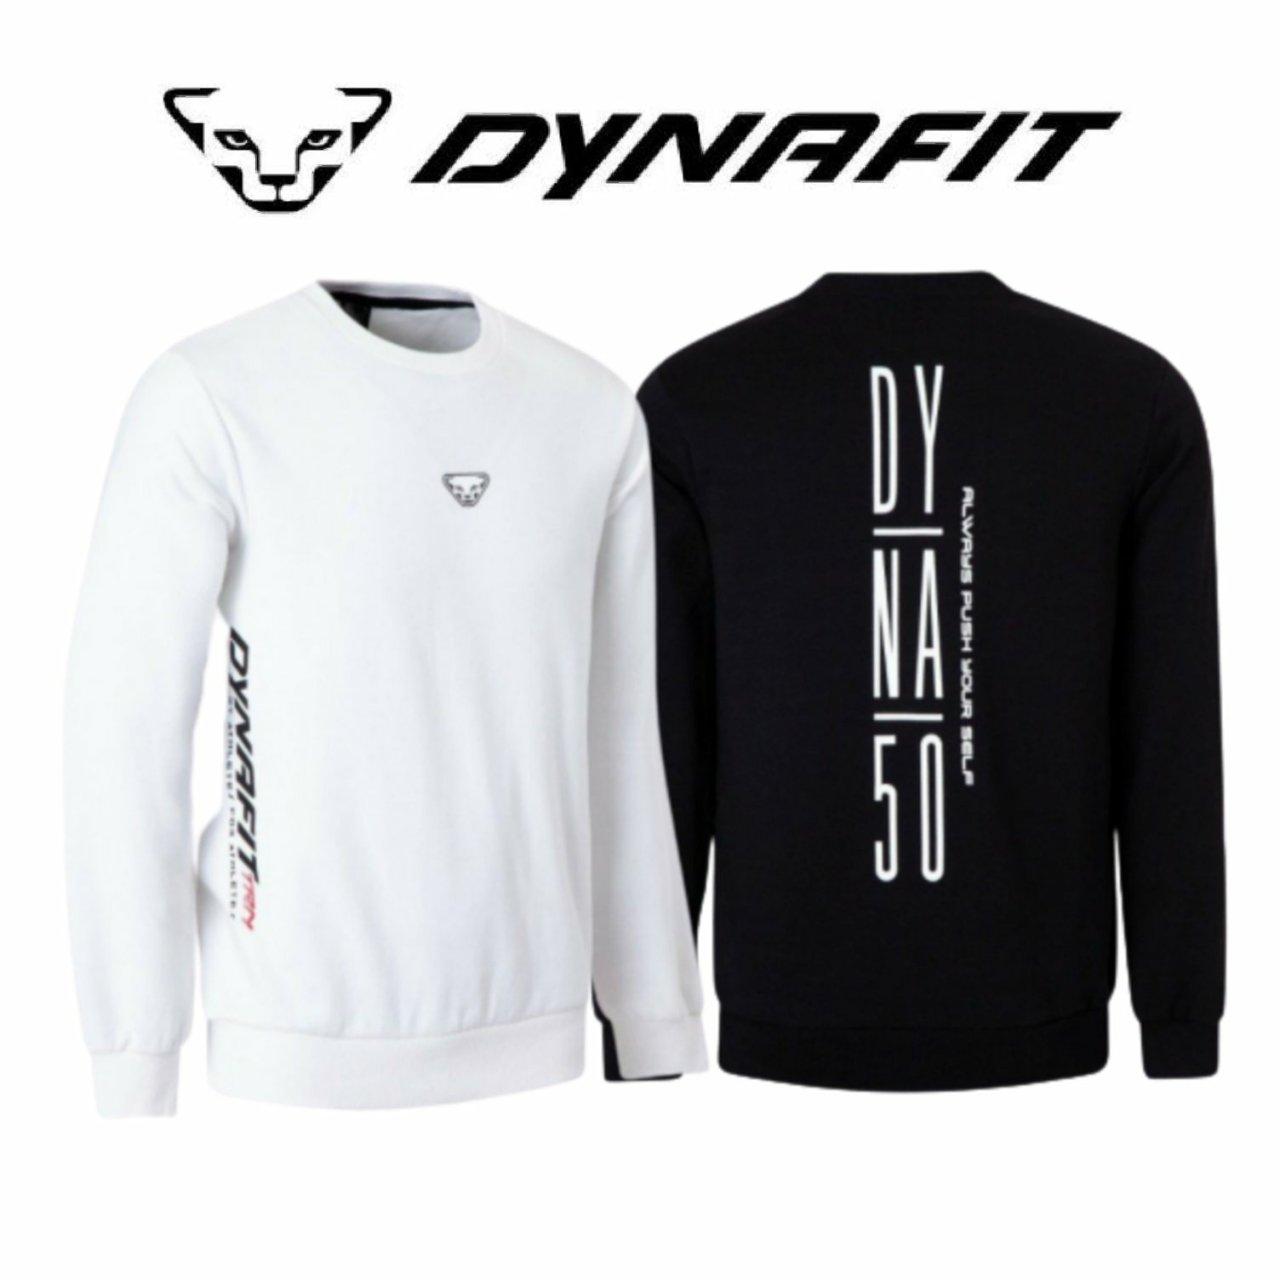 다이나핏_50 맨투맨 티셔츠 - 가을신상(남녀공용)